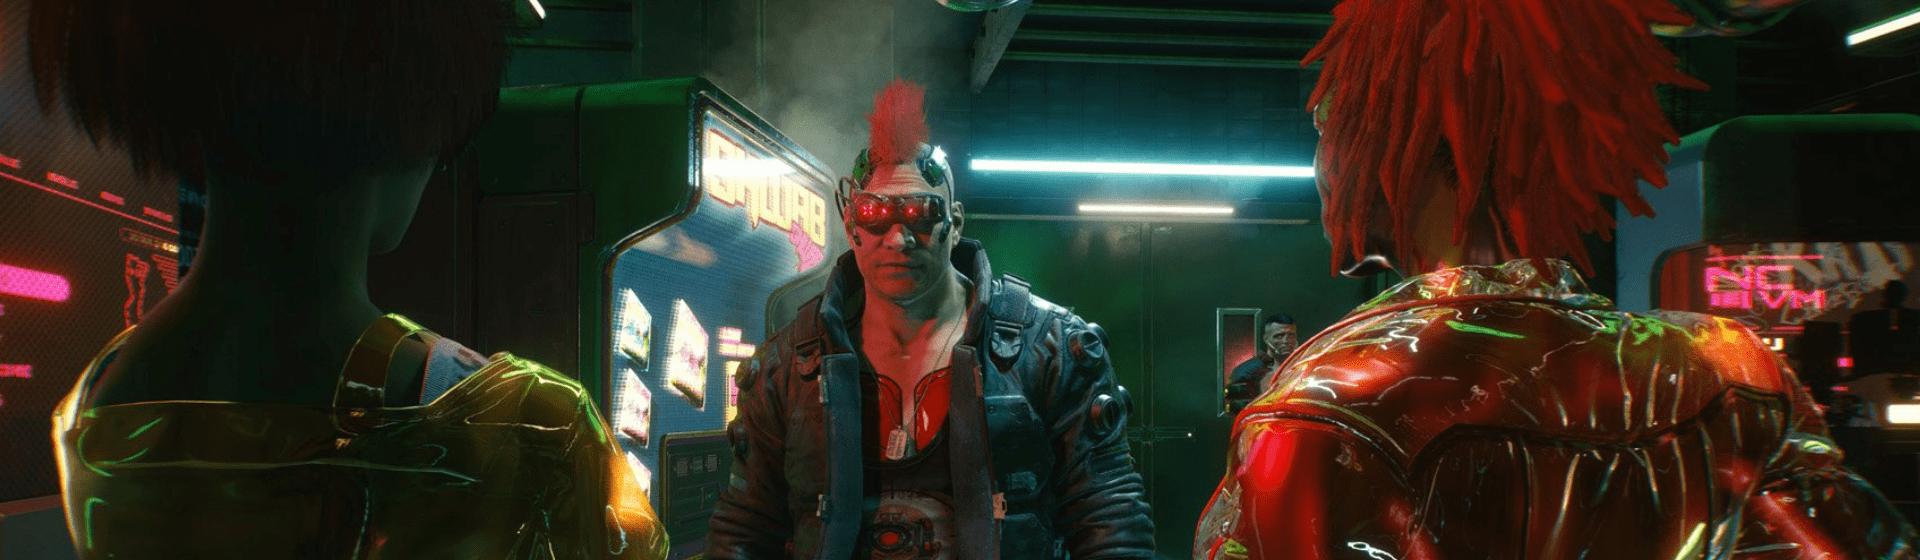 Lançamento de jogos em dezembro de 2020: Cyberpunk 2077 e mais